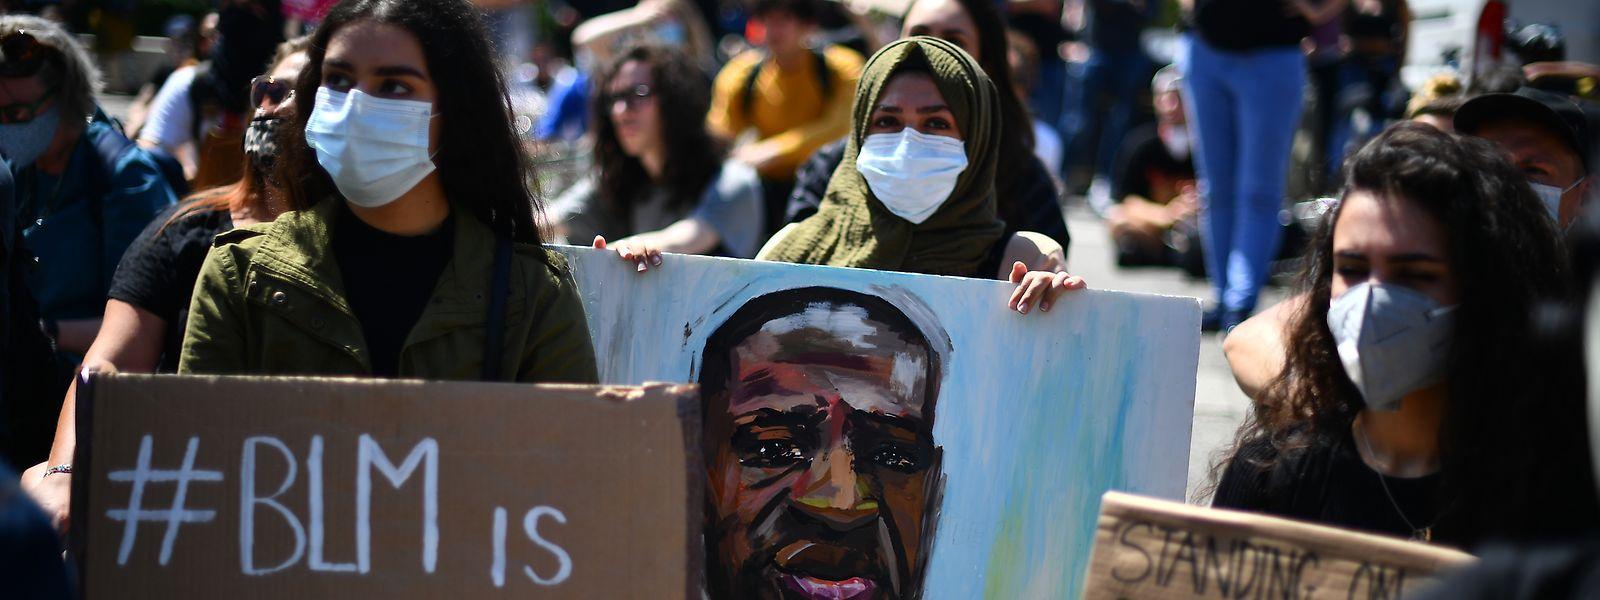 Rund um die Welt wird derzeit gegen Rassismus demonstriert. Eine Frau hält in London ein Gemälde mit der Abbildung von George Floyd. Doch schon wieder gab es in den USA ein Rassismus-Opfer.